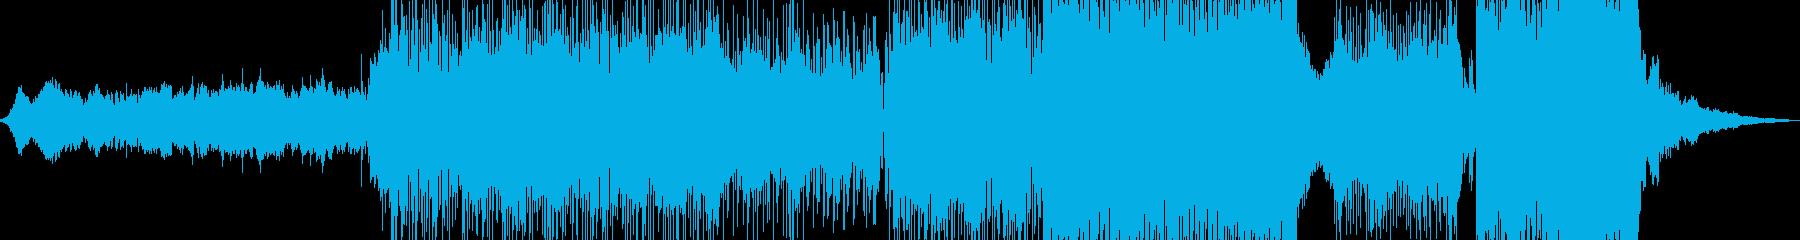 琴・演歌調ポップス&ロック +★の再生済みの波形